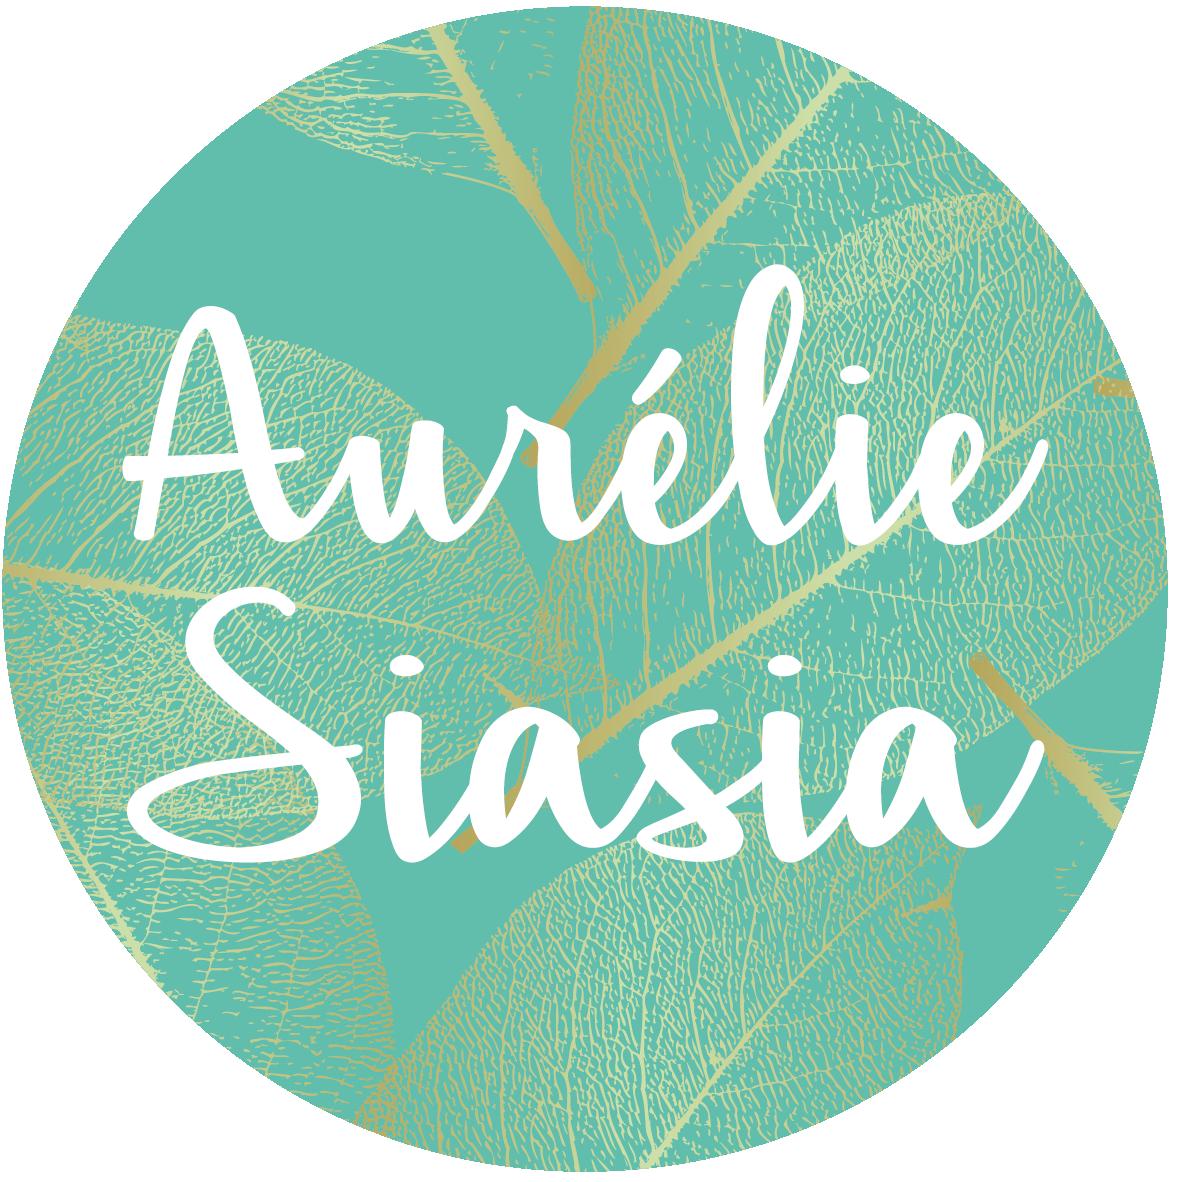 Aurélie Siasia